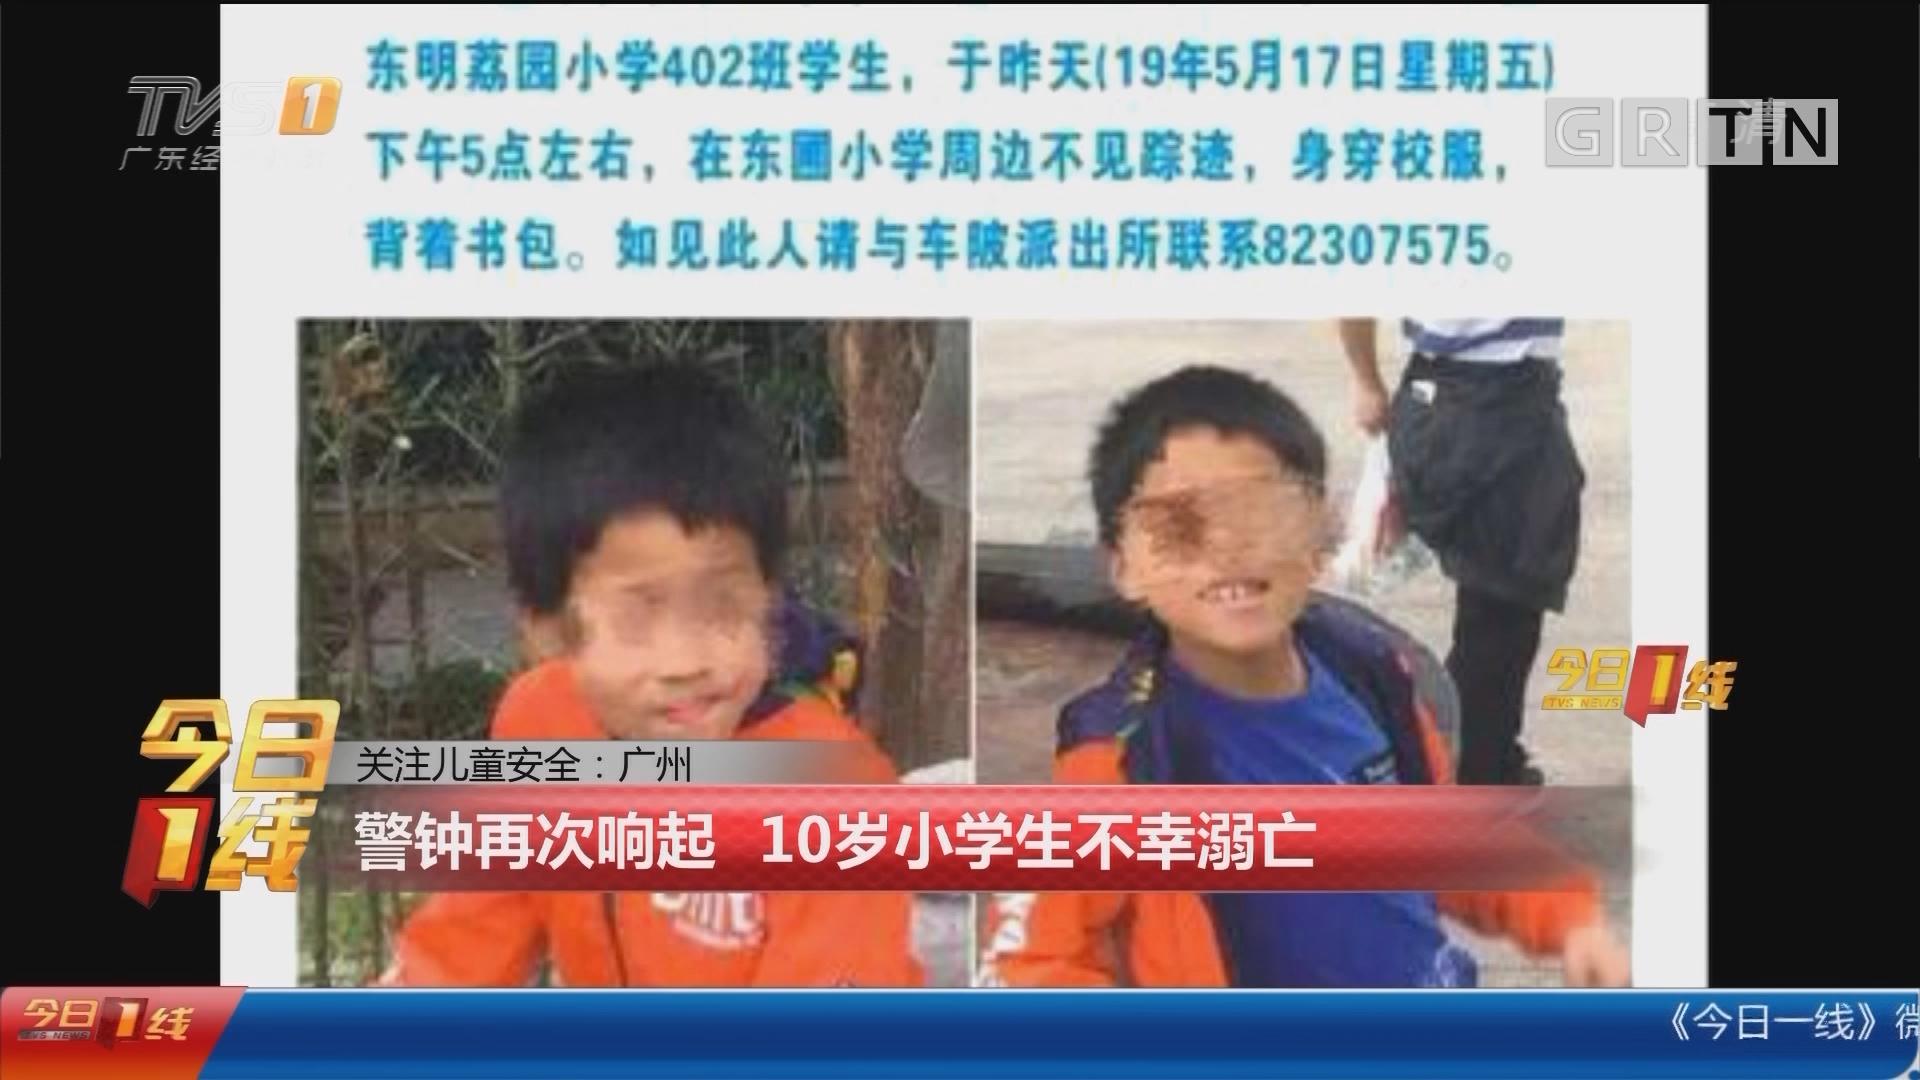 关注儿童安全:广州 警钟再次响起 10岁小学生不幸溺亡